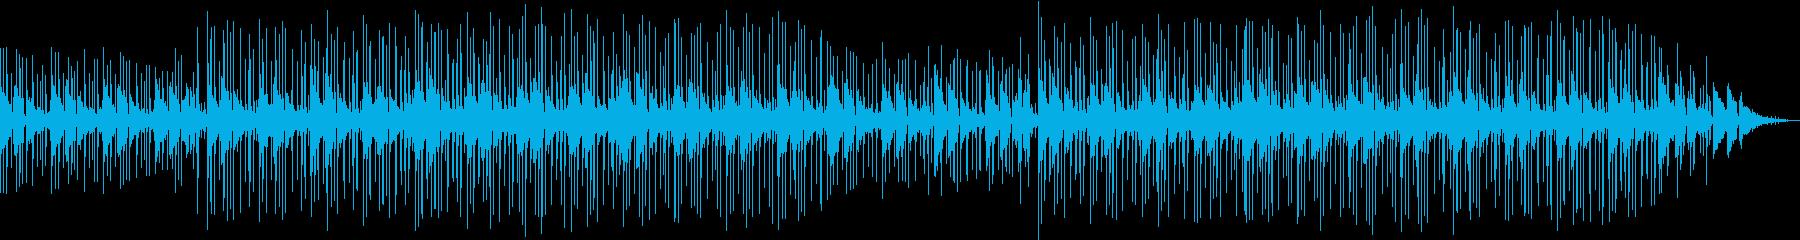 夜に聴きたいゆったりとしたチルアウトの再生済みの波形